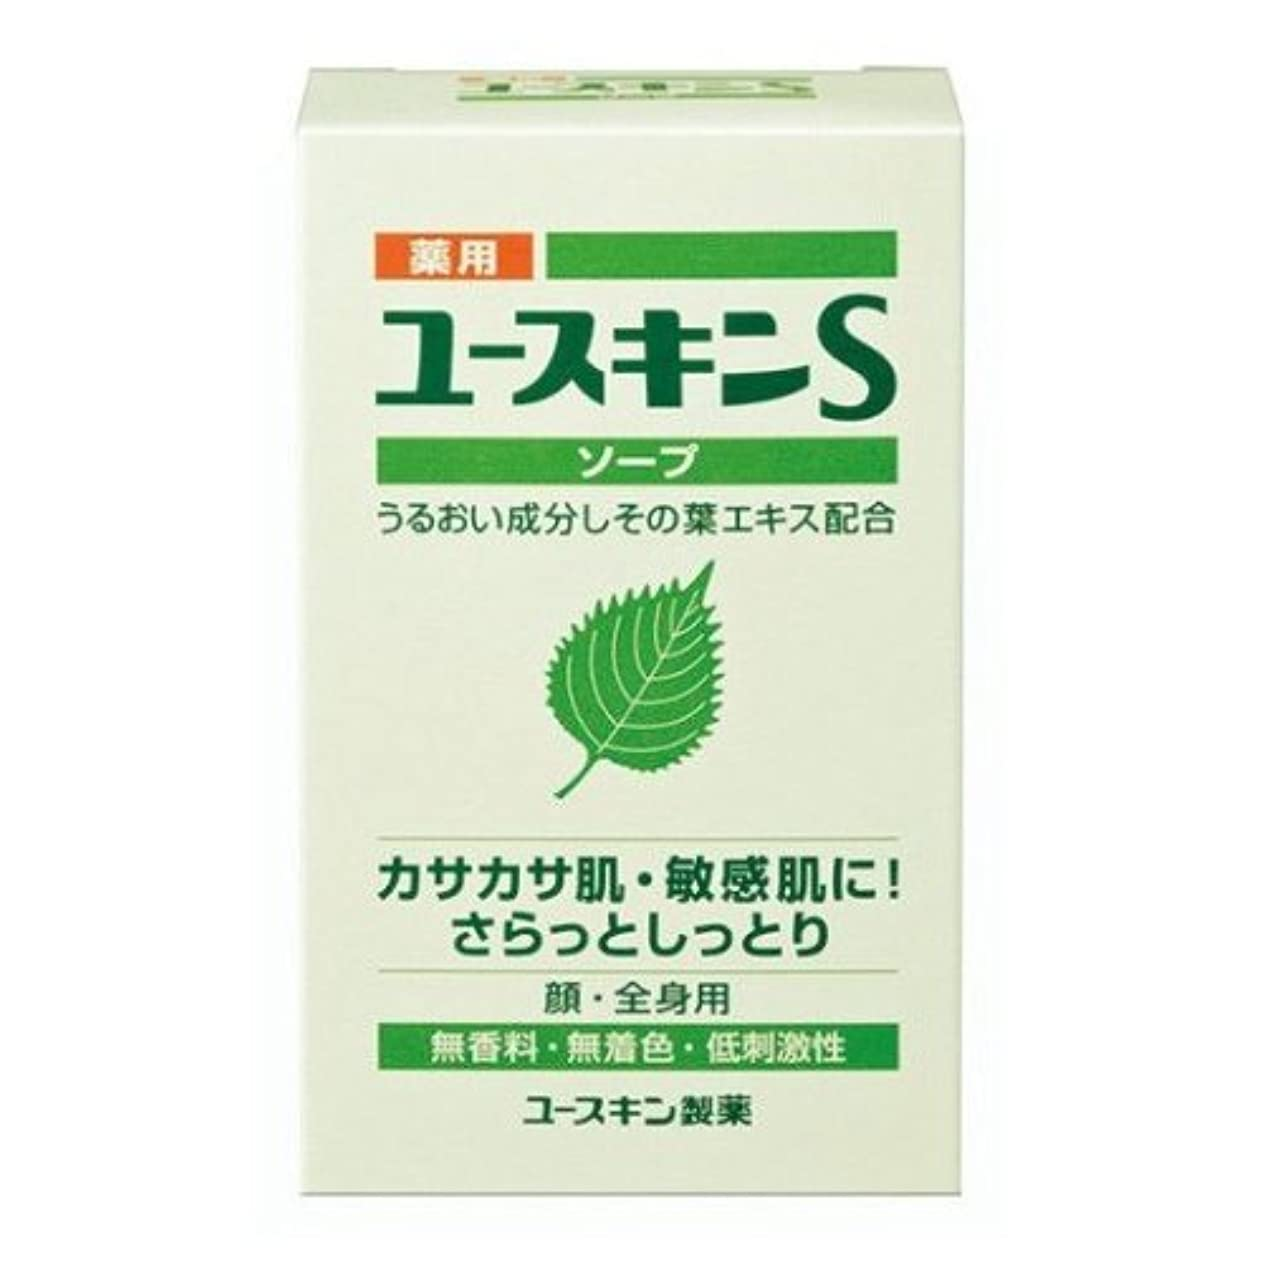 のホスト黙認する飼料薬用ユースキンS ソープ 90g (敏感肌用 透明石鹸) 【医薬部外品】